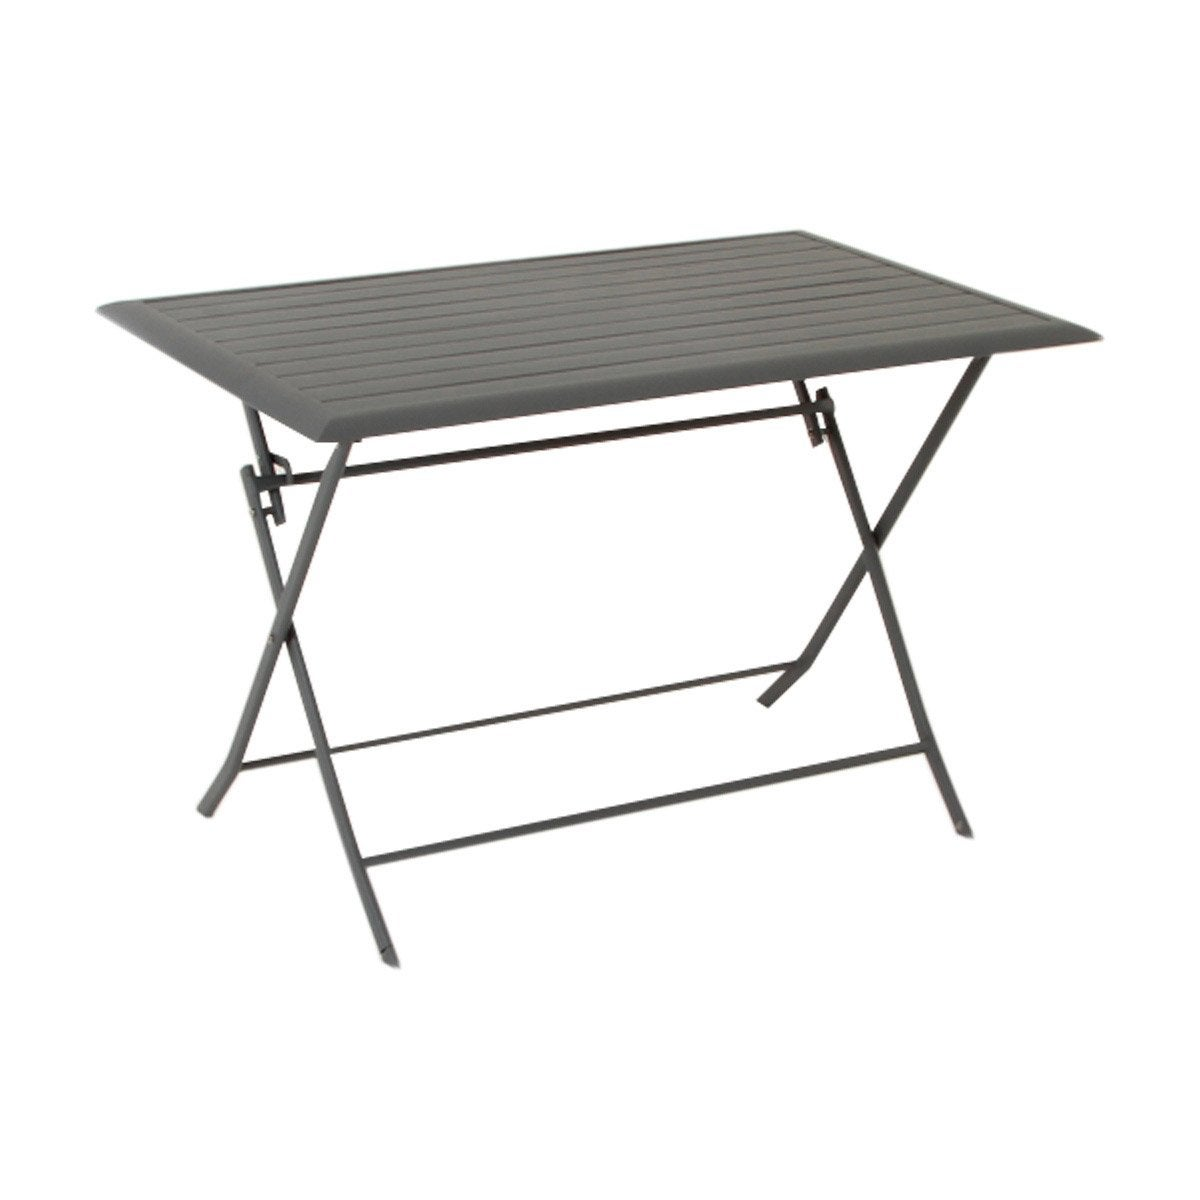 Table de jardin hesperide azua rectangulaire ardoise 4 - Table pliante de jardin leroy merlin ...